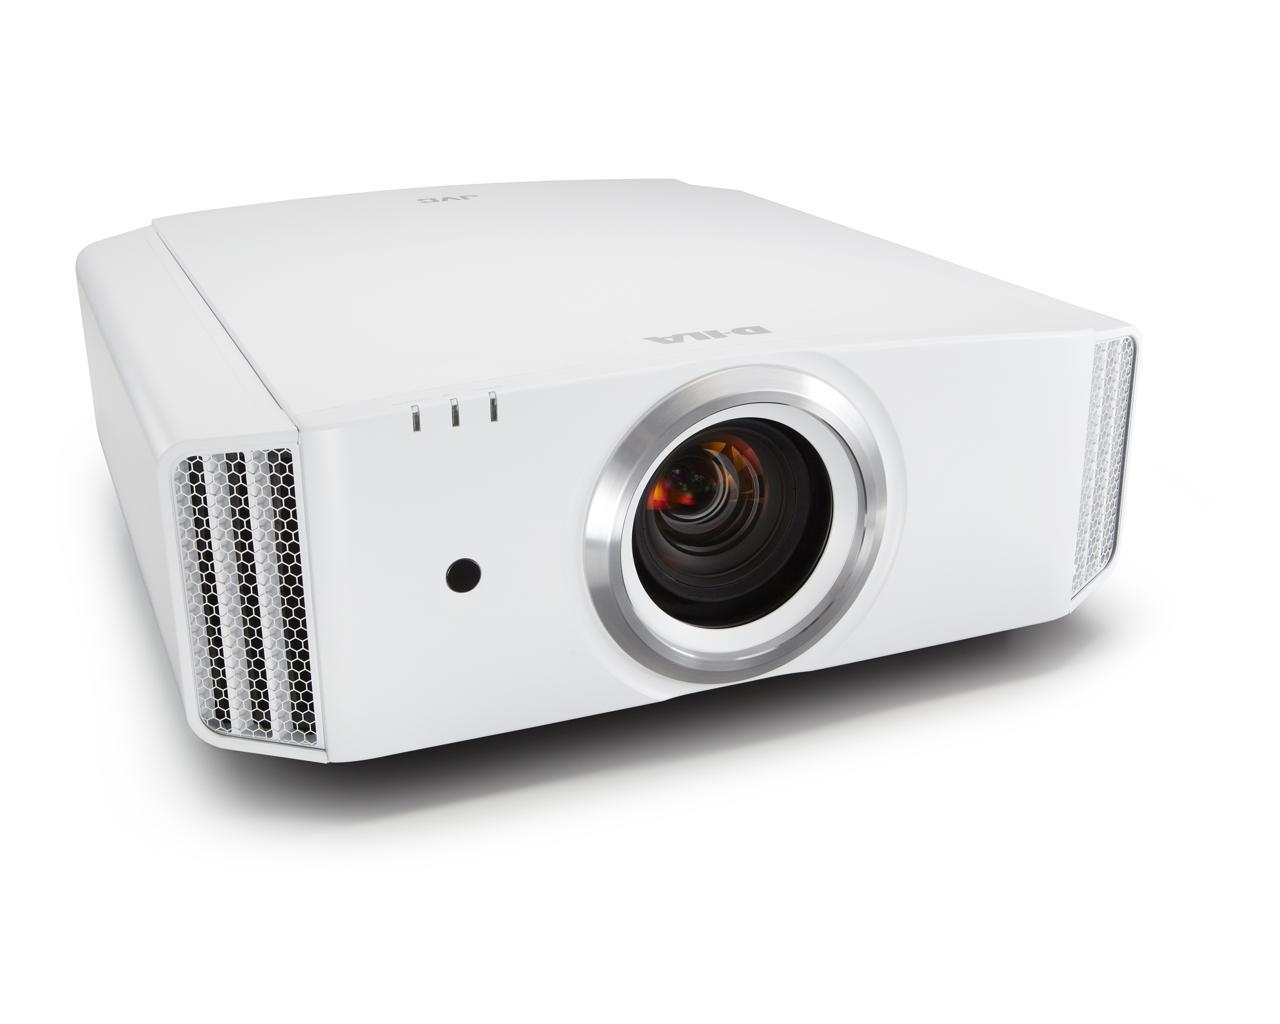 Projecteur JVC DLA-X7900 ou RS 540 PRO